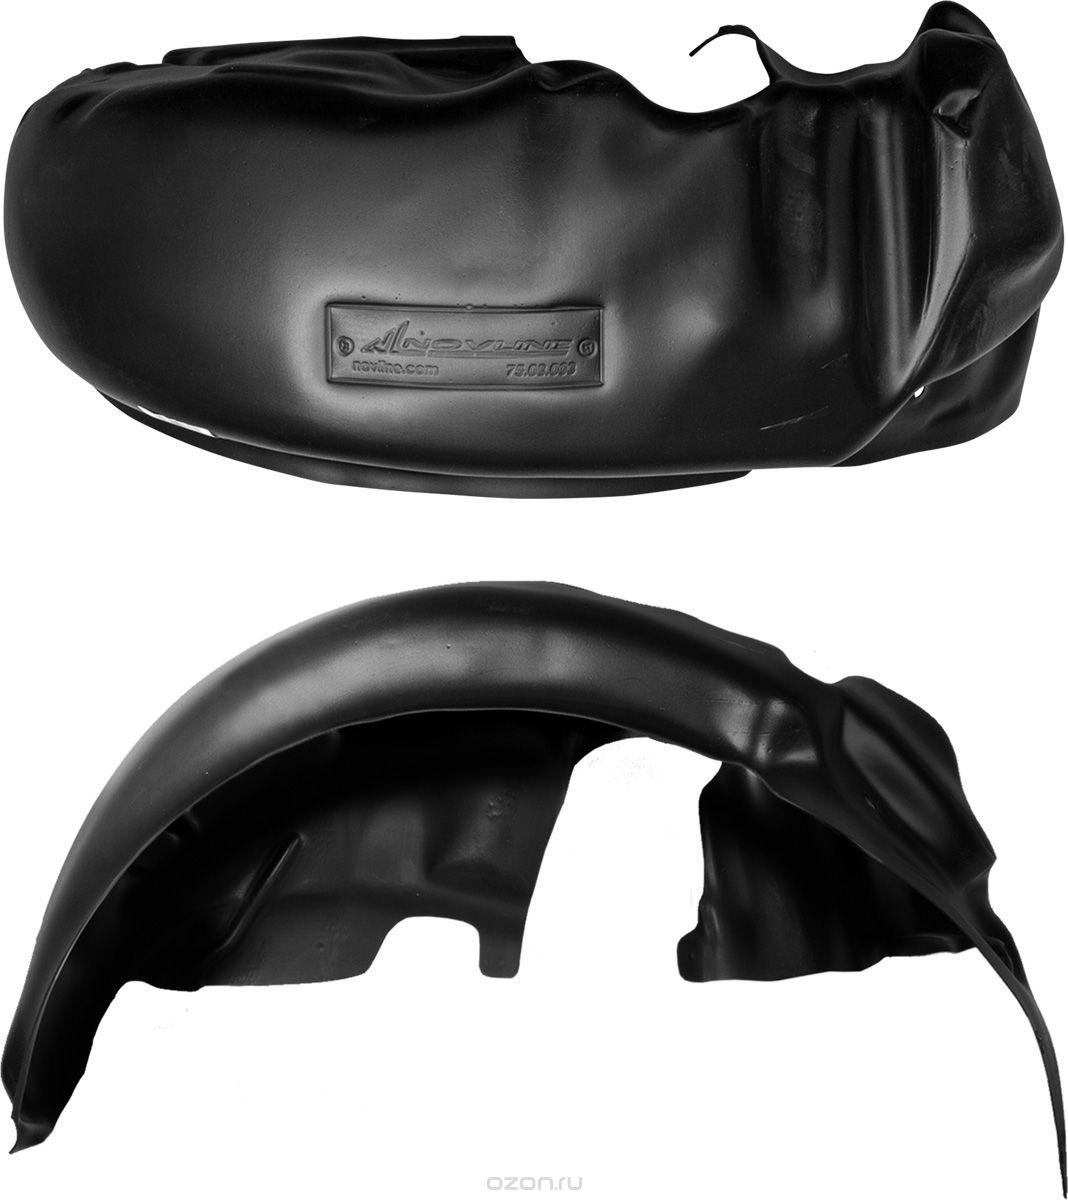 Подкрылок Novline-Autofamily, для Lifan X50, 06/2015->, кроссовер, задний правыйNLL.73.09.004Идеальная защита колесной ниши. Локеры разработаны с применением цифровых технологий, гарантируют максимальную повторяемость поверхности арки. Изделия устанавливаются без нарушения лакокрасочного покрытия автомобиля, каждый подкрылок комплектуется крепежом. Уважаемые клиенты, обращаем ваше внимание, что фотографии на подкрылки универсальные и не отражают реальную форму изделия. При этом само изделие идет точно под размер указанного автомобиля.